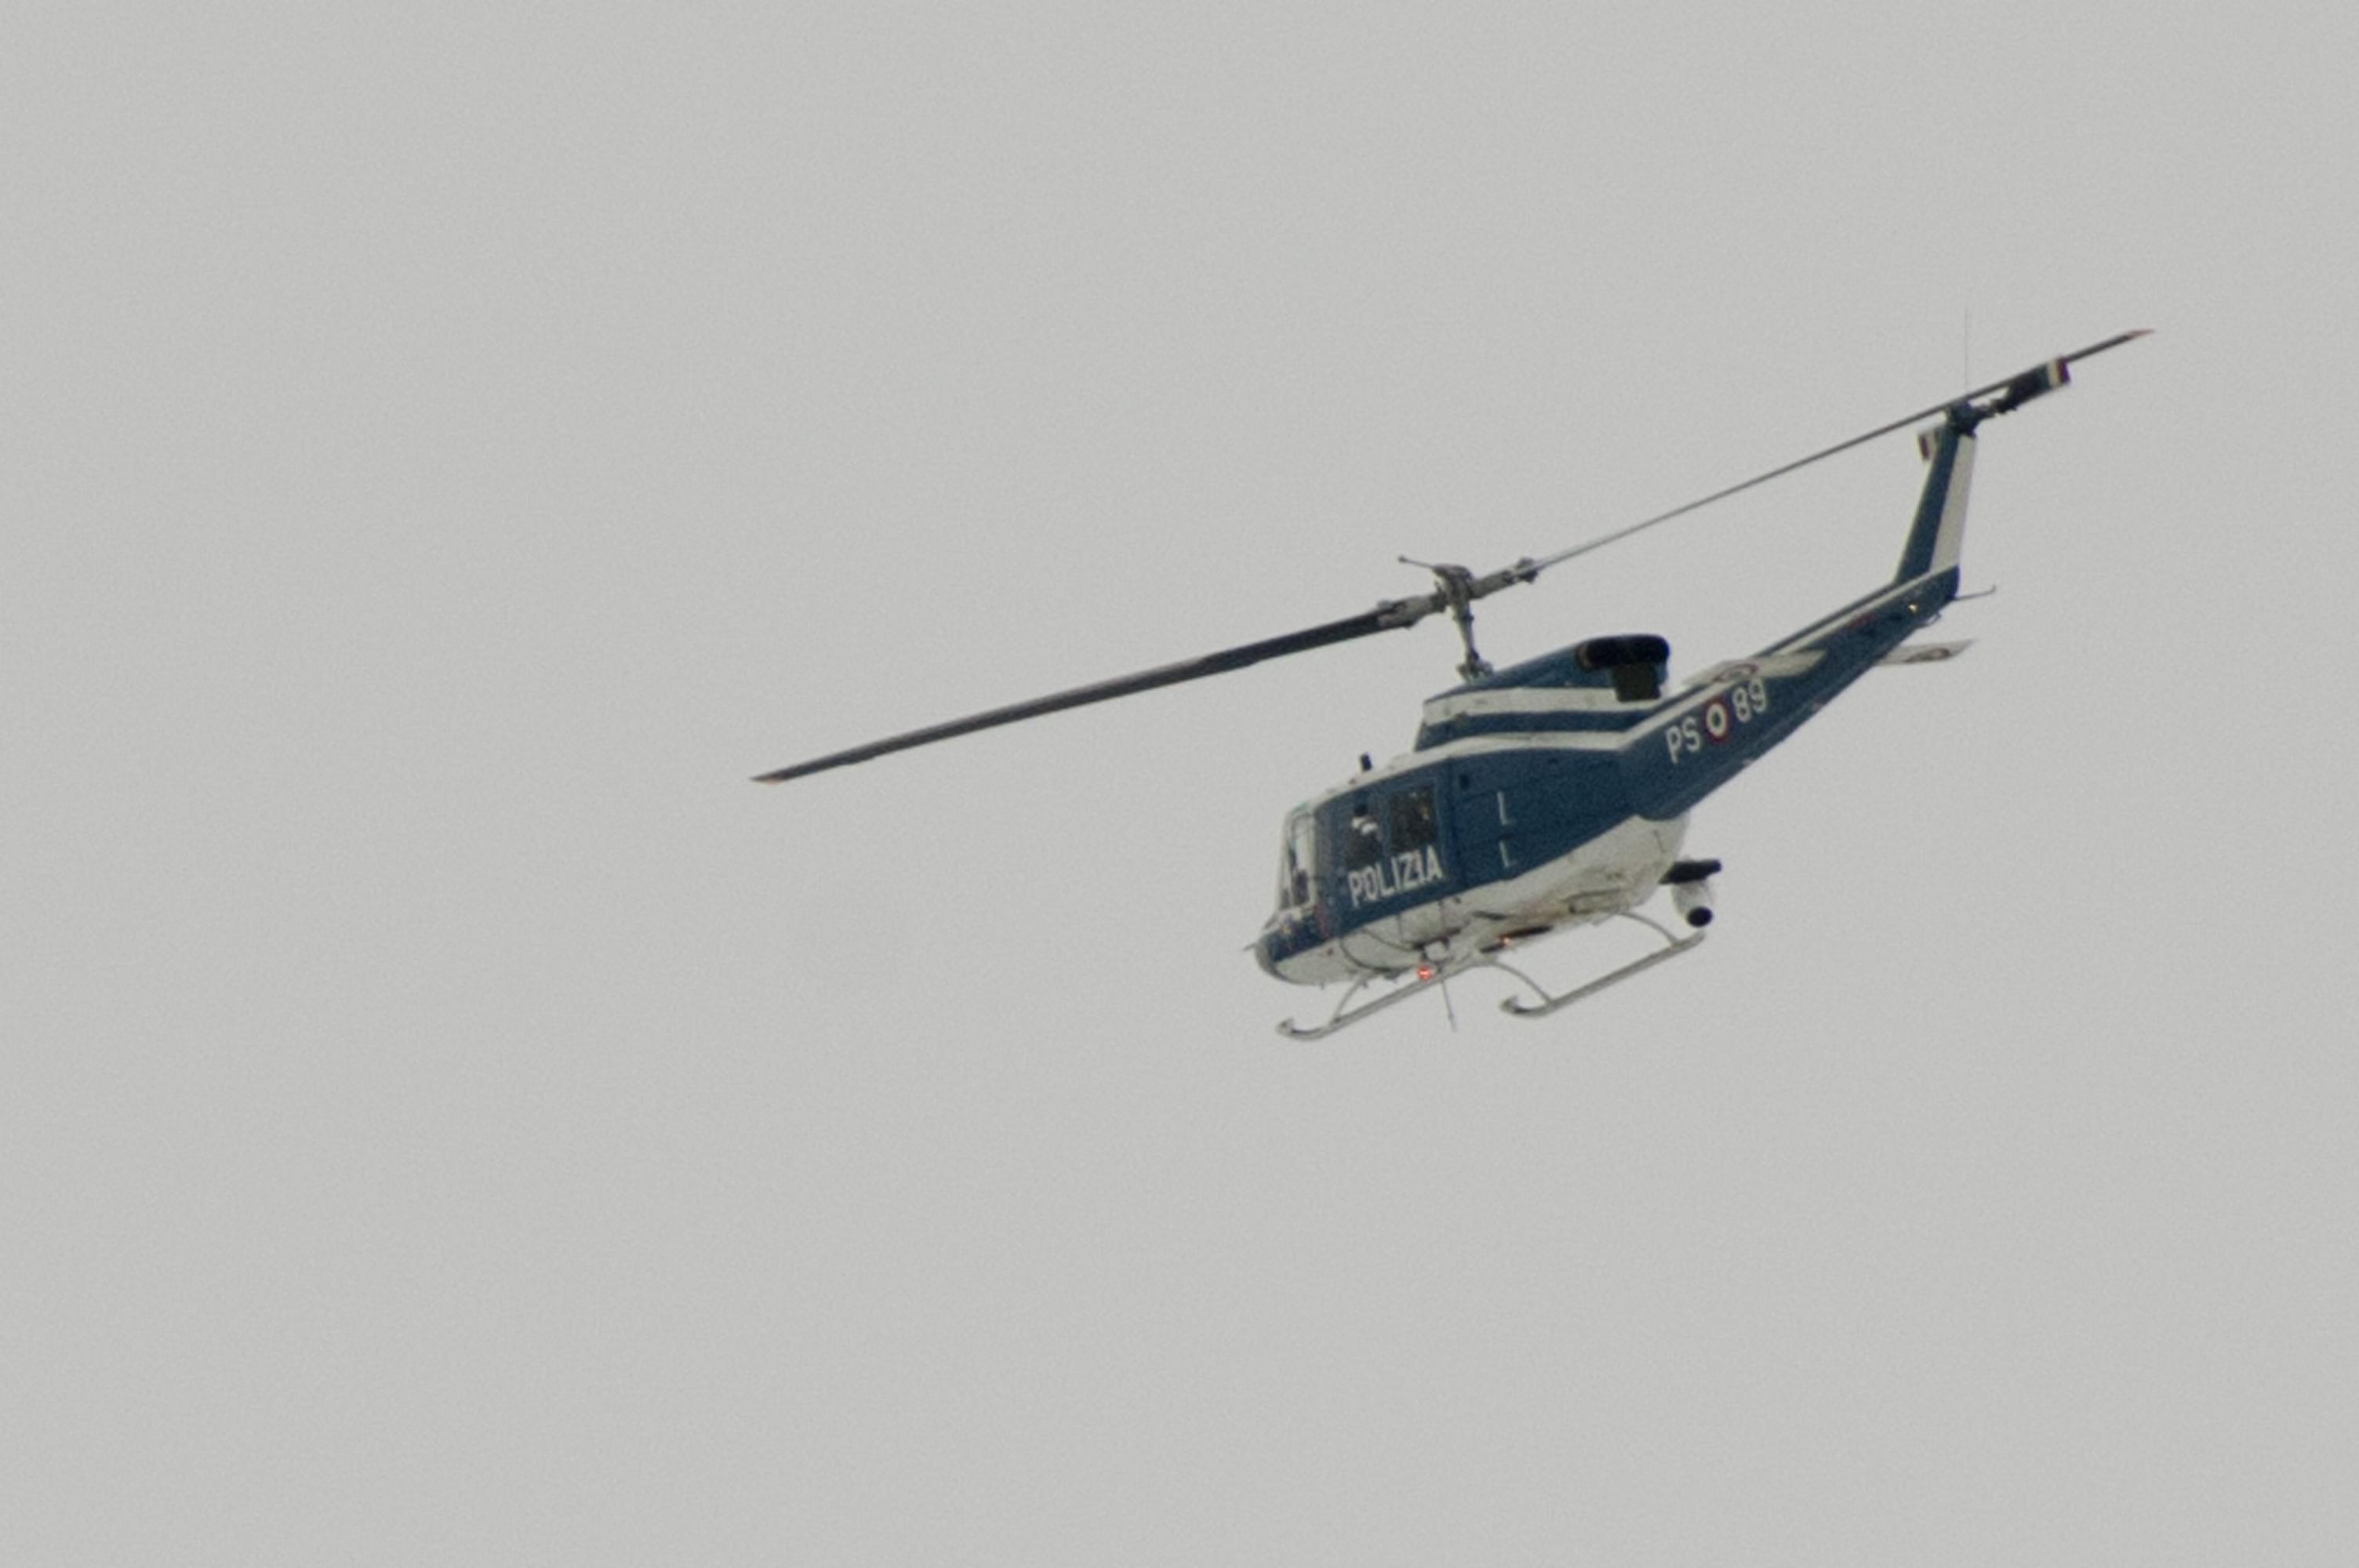 Insetto Elicottero Wikipedia : File elicottero polizia roma g wikimedia commons